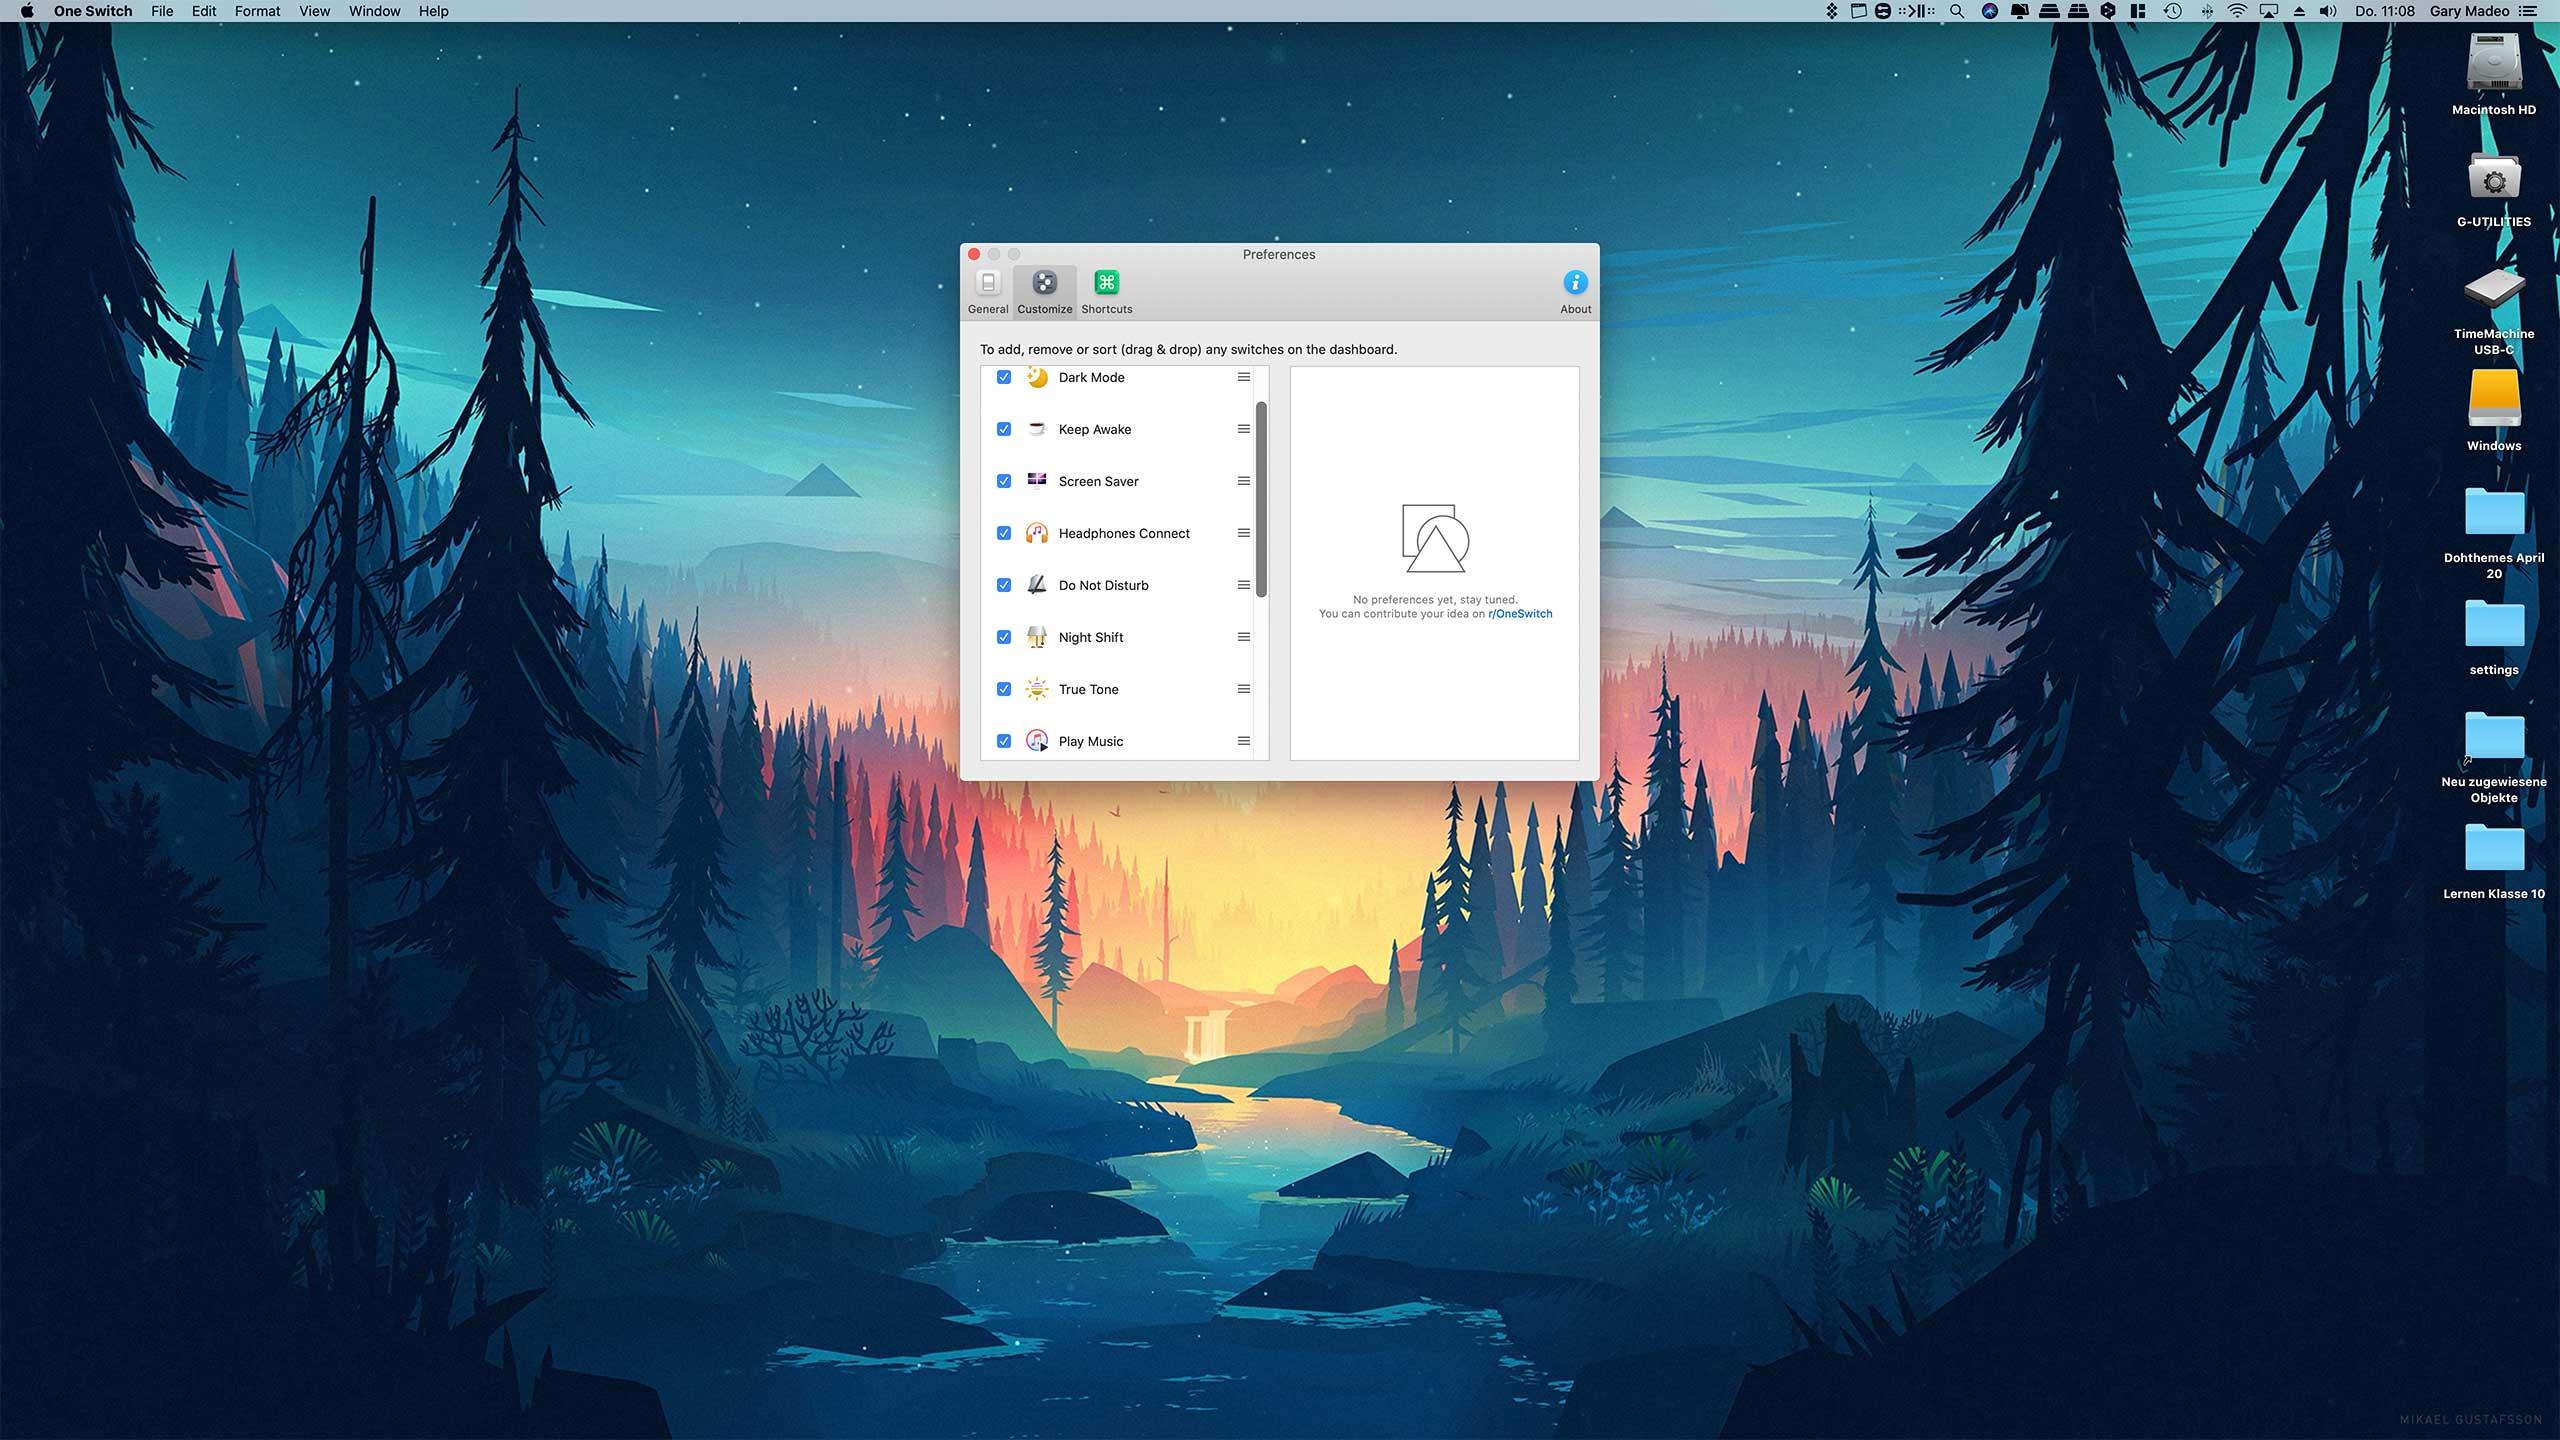 OneSwitch für macOS: Schnellen Zugriff auf wichtige Funktionen erhalten techboys.de • smarte News, auf den Punkt!